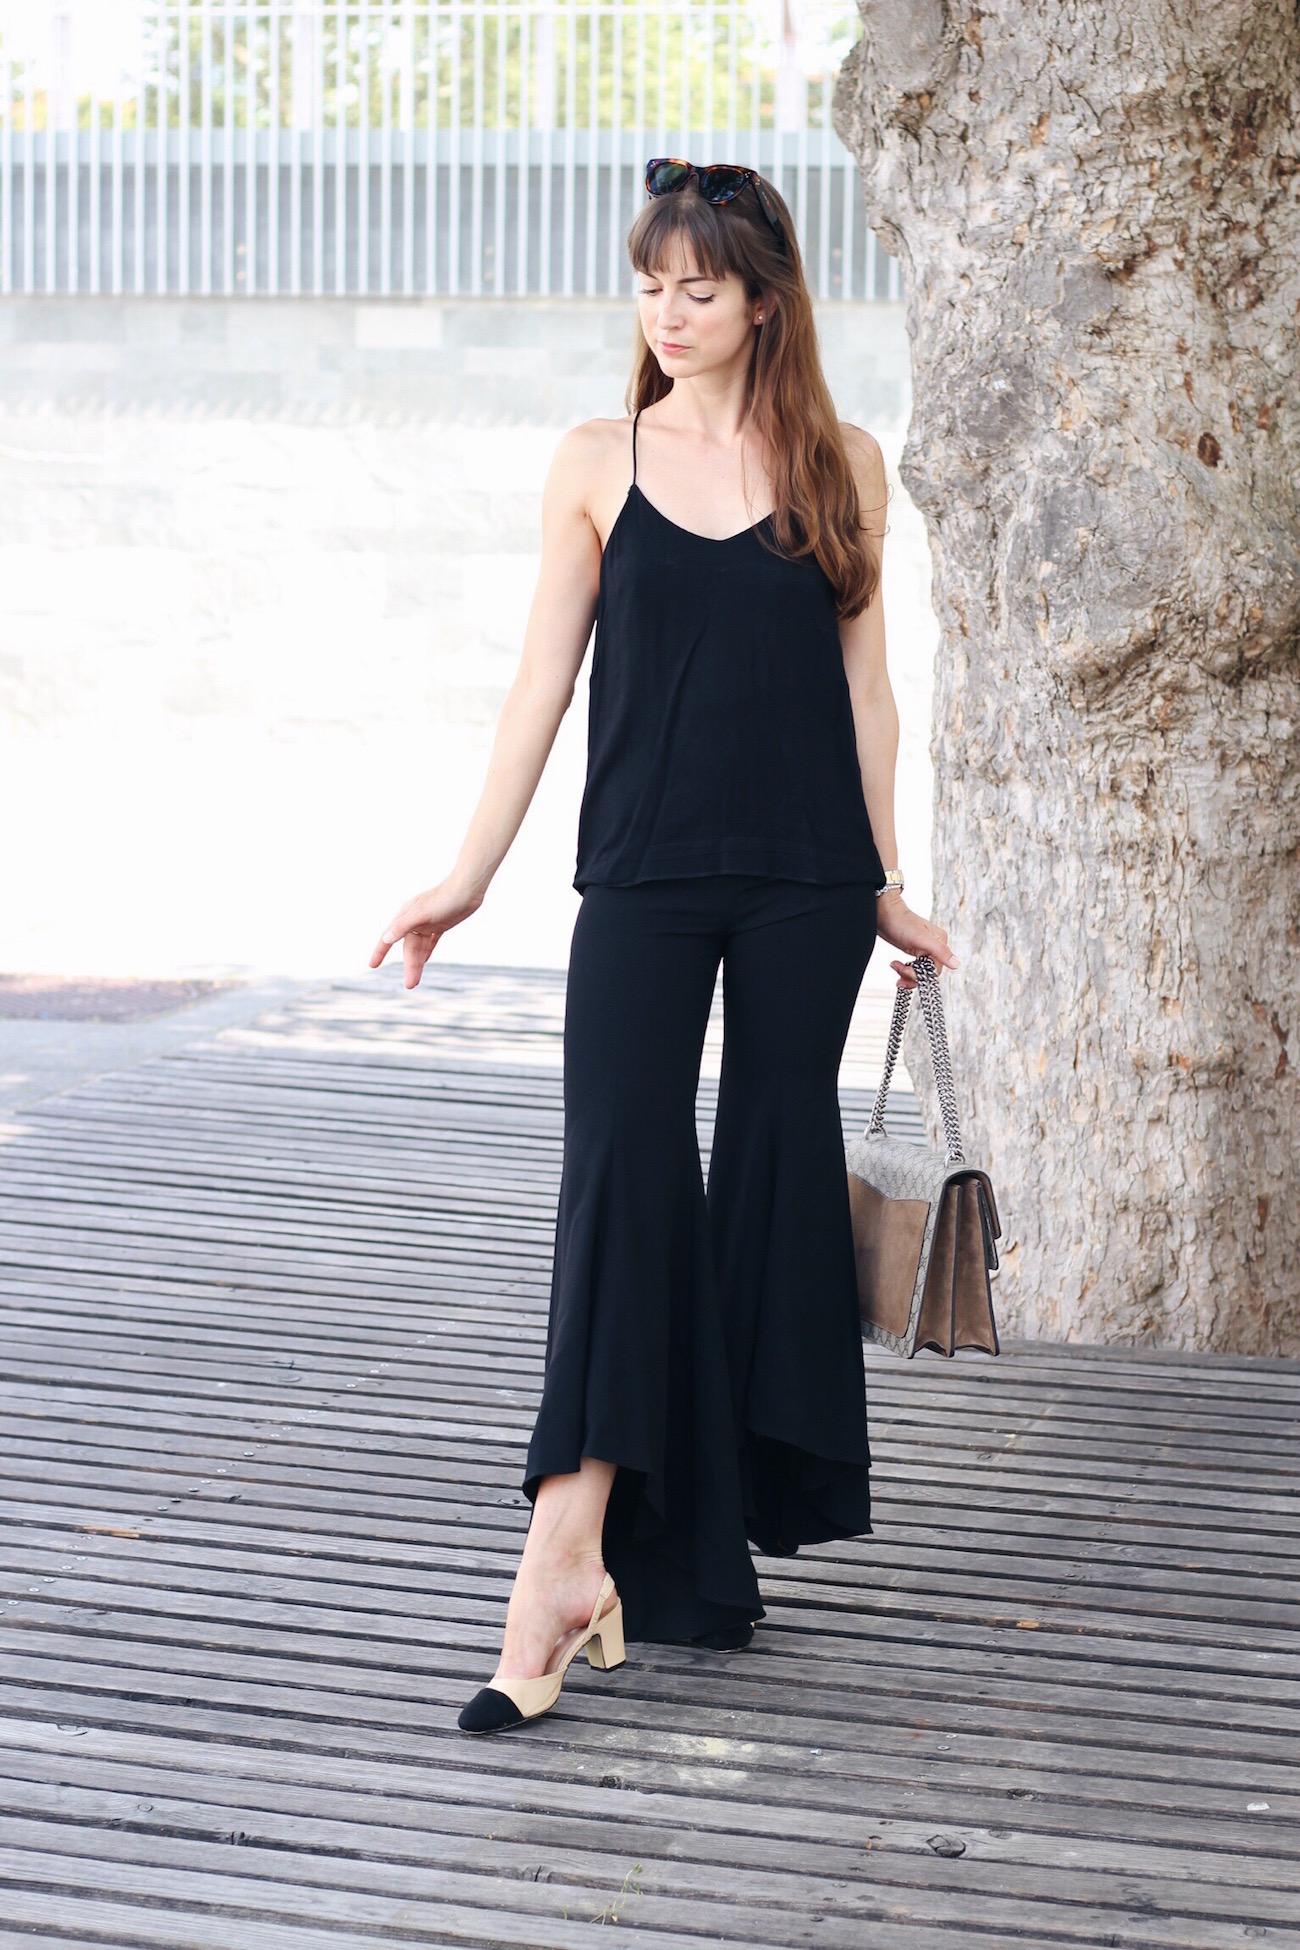 Schlaghose von Zara mit Volants Gucci Dionysus Bag Sonnenbrille von Céline für meinen Modeblog